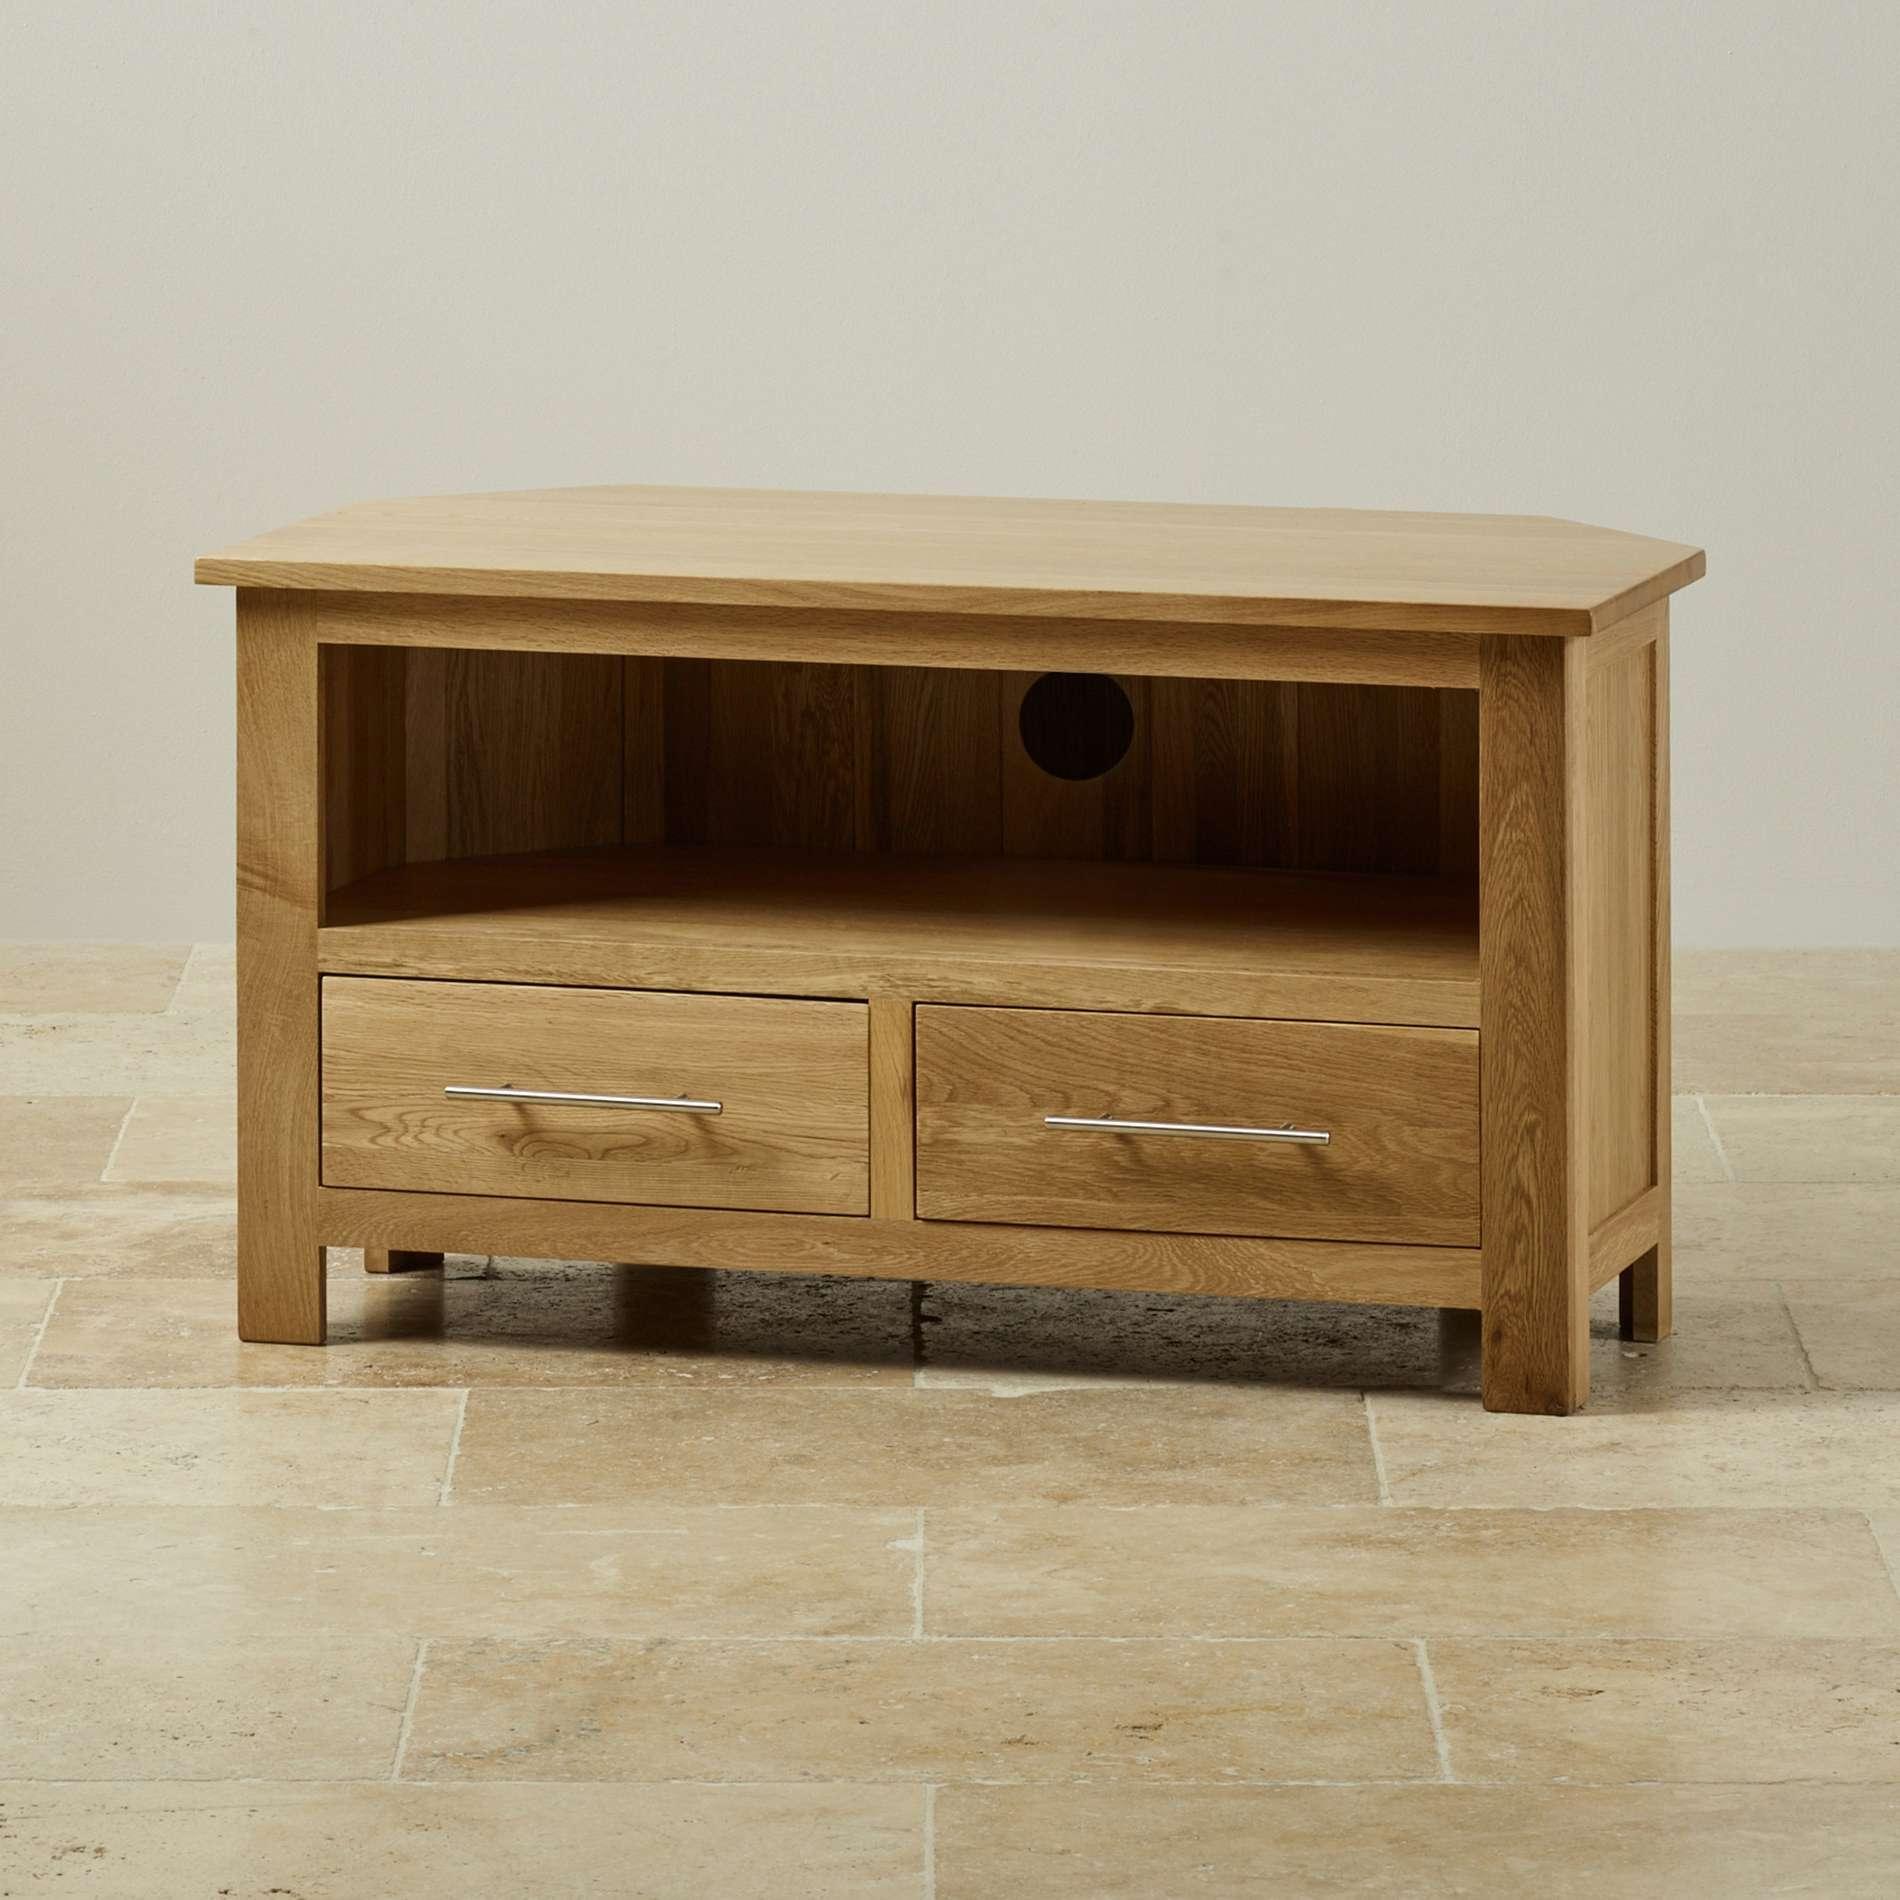 Rivermead Corner Tv Cabinet In Solid Oak | Oak Furniture Land For Solid Oak Corner Tv Cabinets (View 15 of 20)